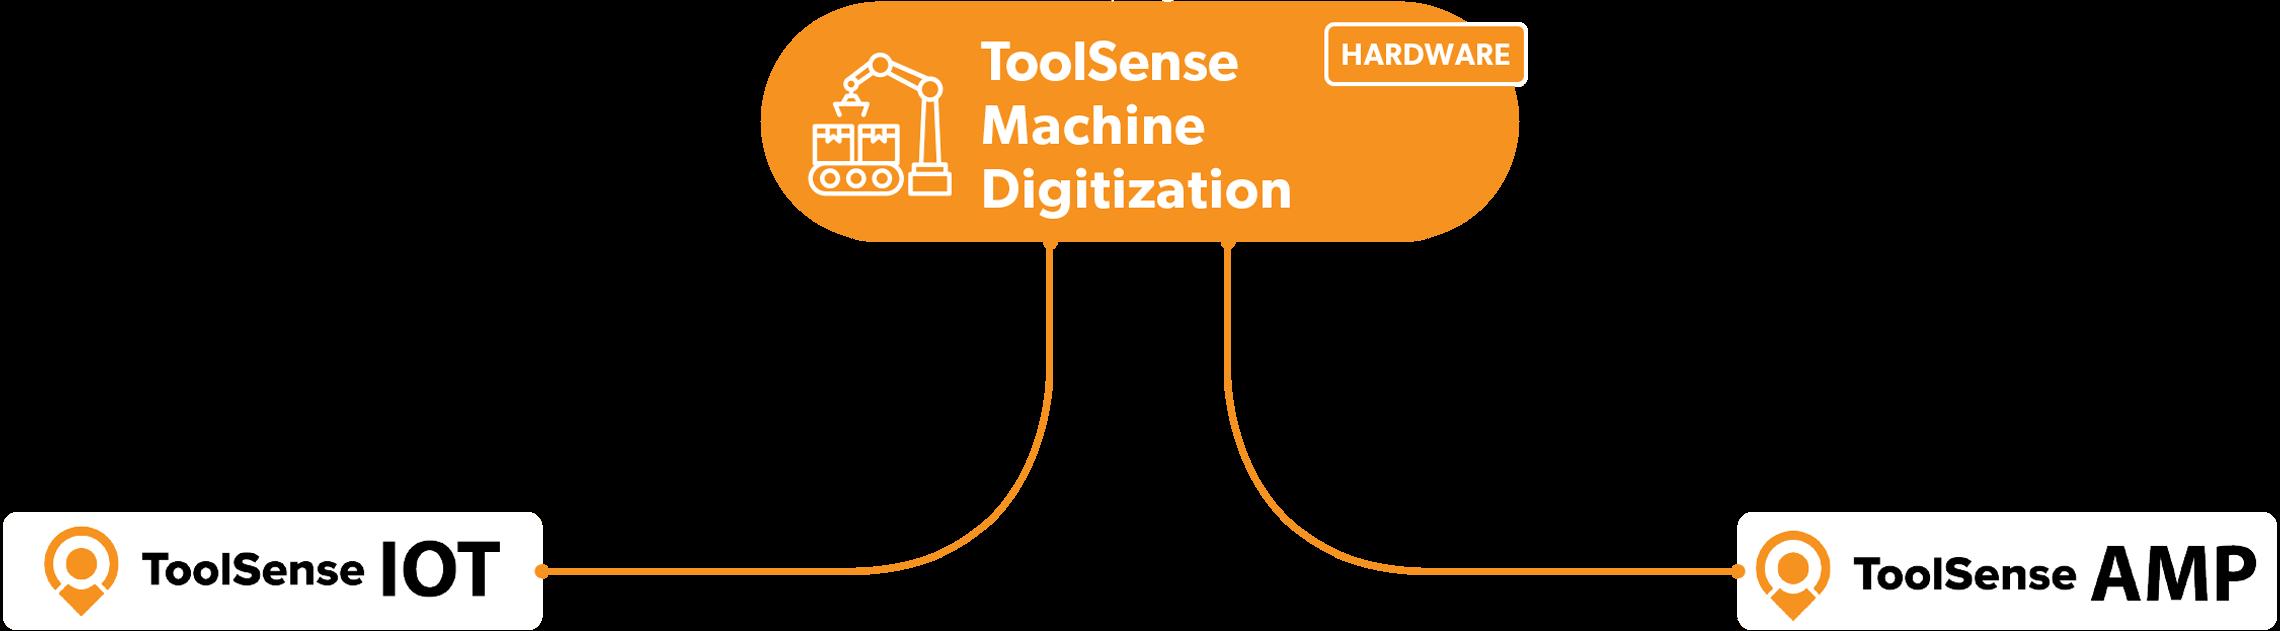 machinedigitization